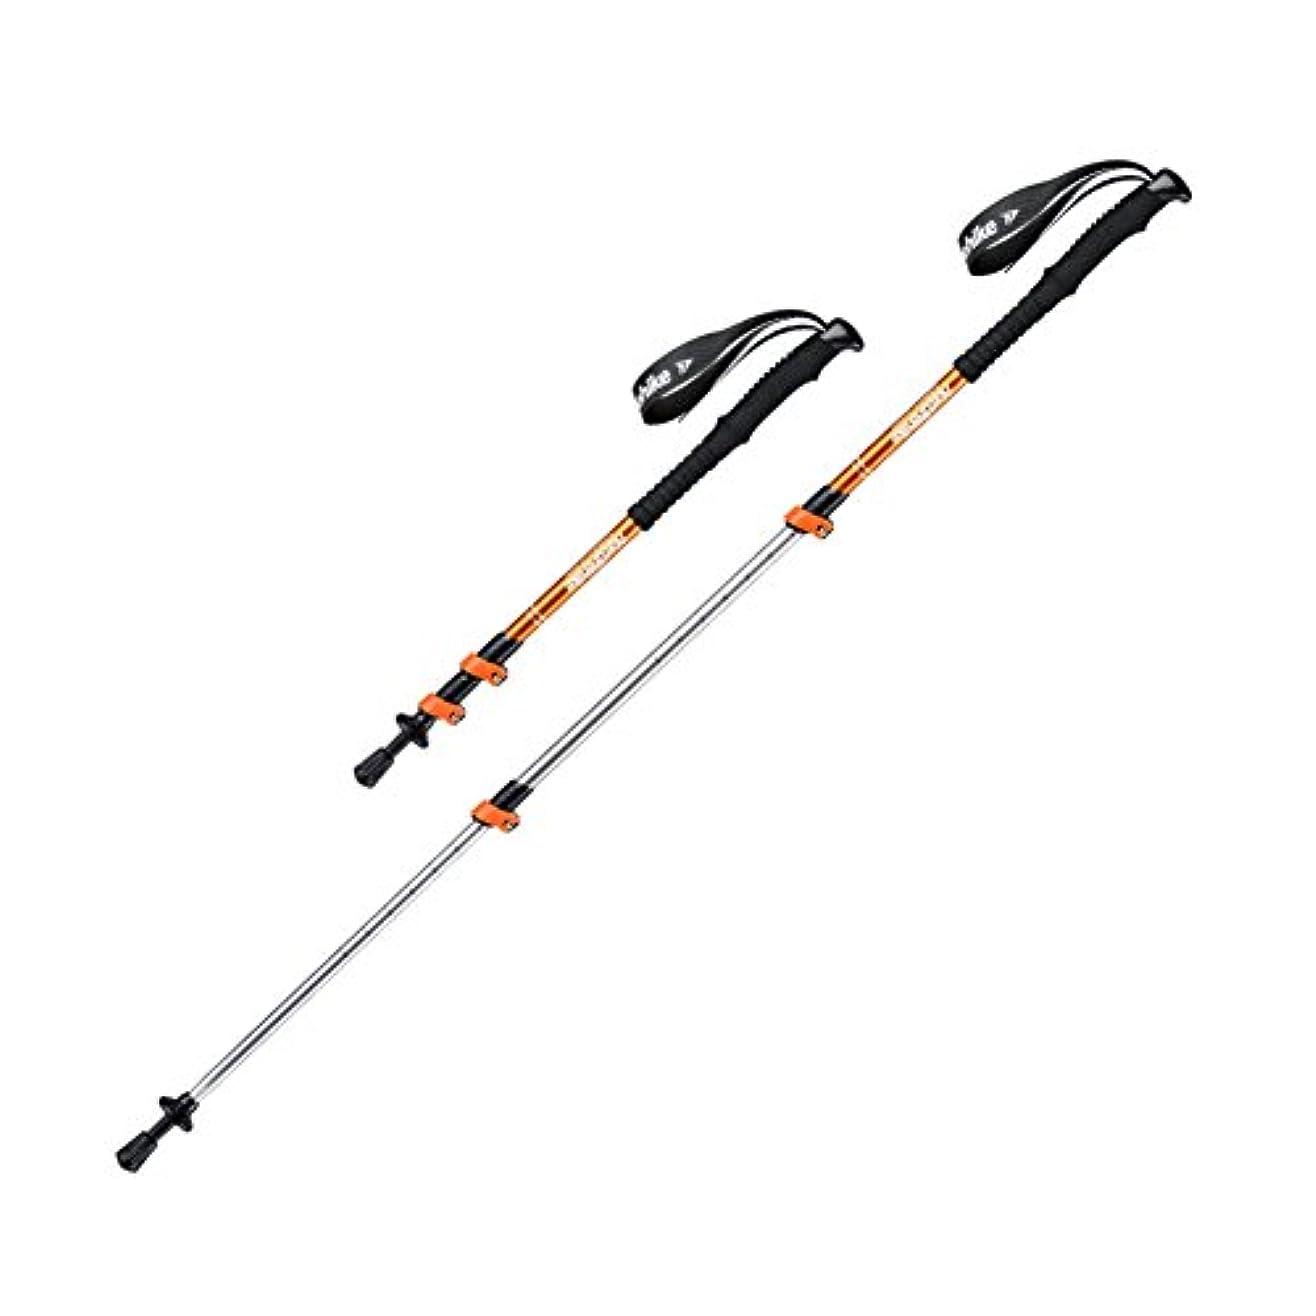 あるアプローチ着替えるLe Fu yanウォーキングスティック、ハイキング伸縮調節可能なAlpenstock Sticks with EVAフォームハンドルfor women-yellow-e